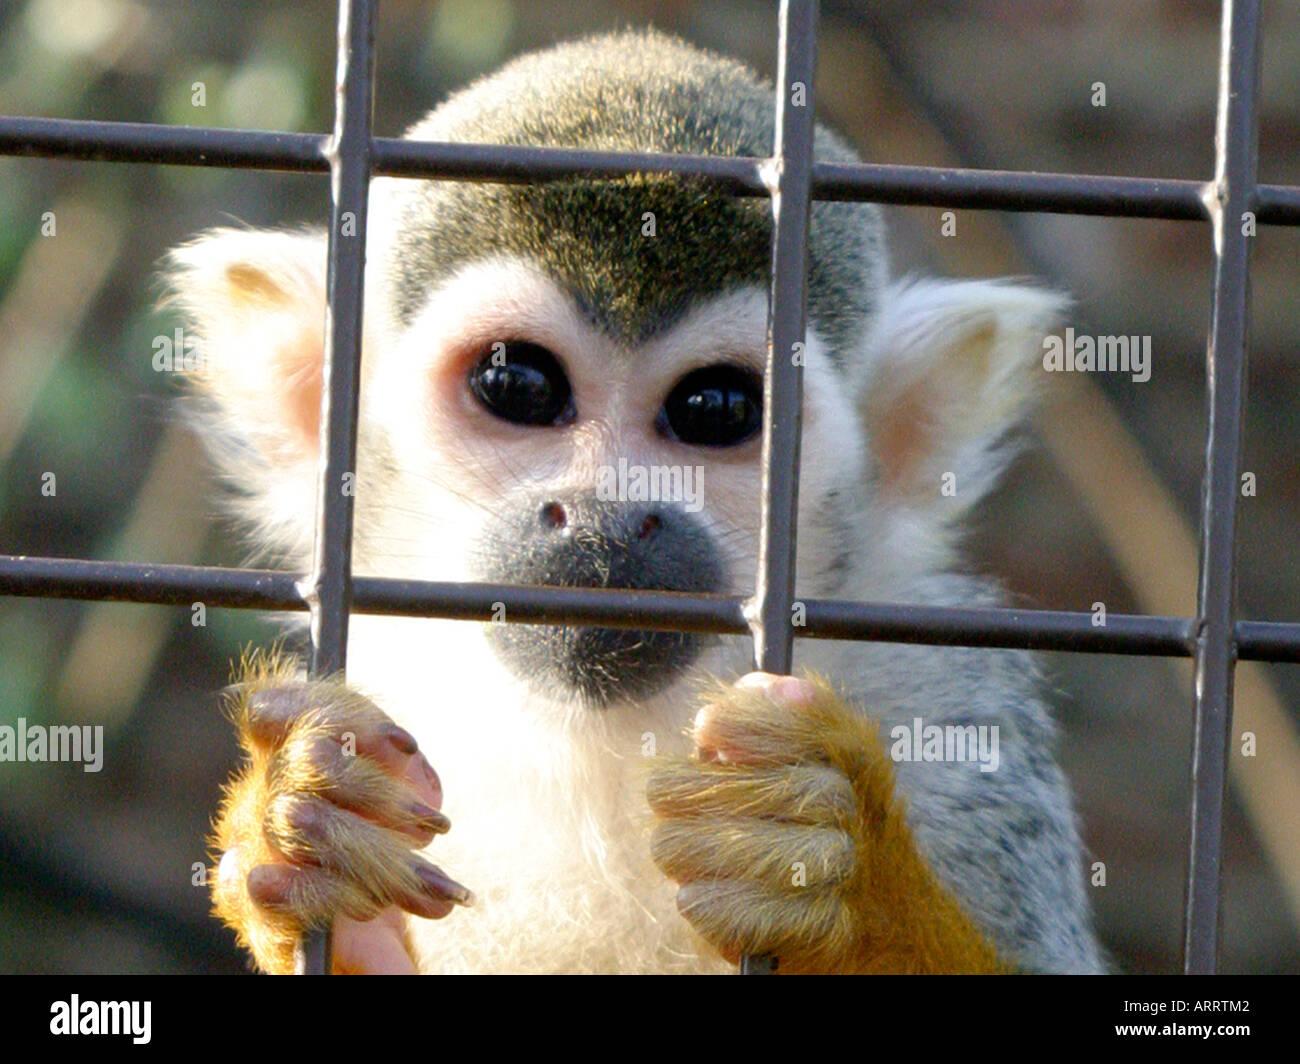 Una Scimmia di scoiattolo in un caged, guardando fuori da dietro le sbarre. Foto Stock